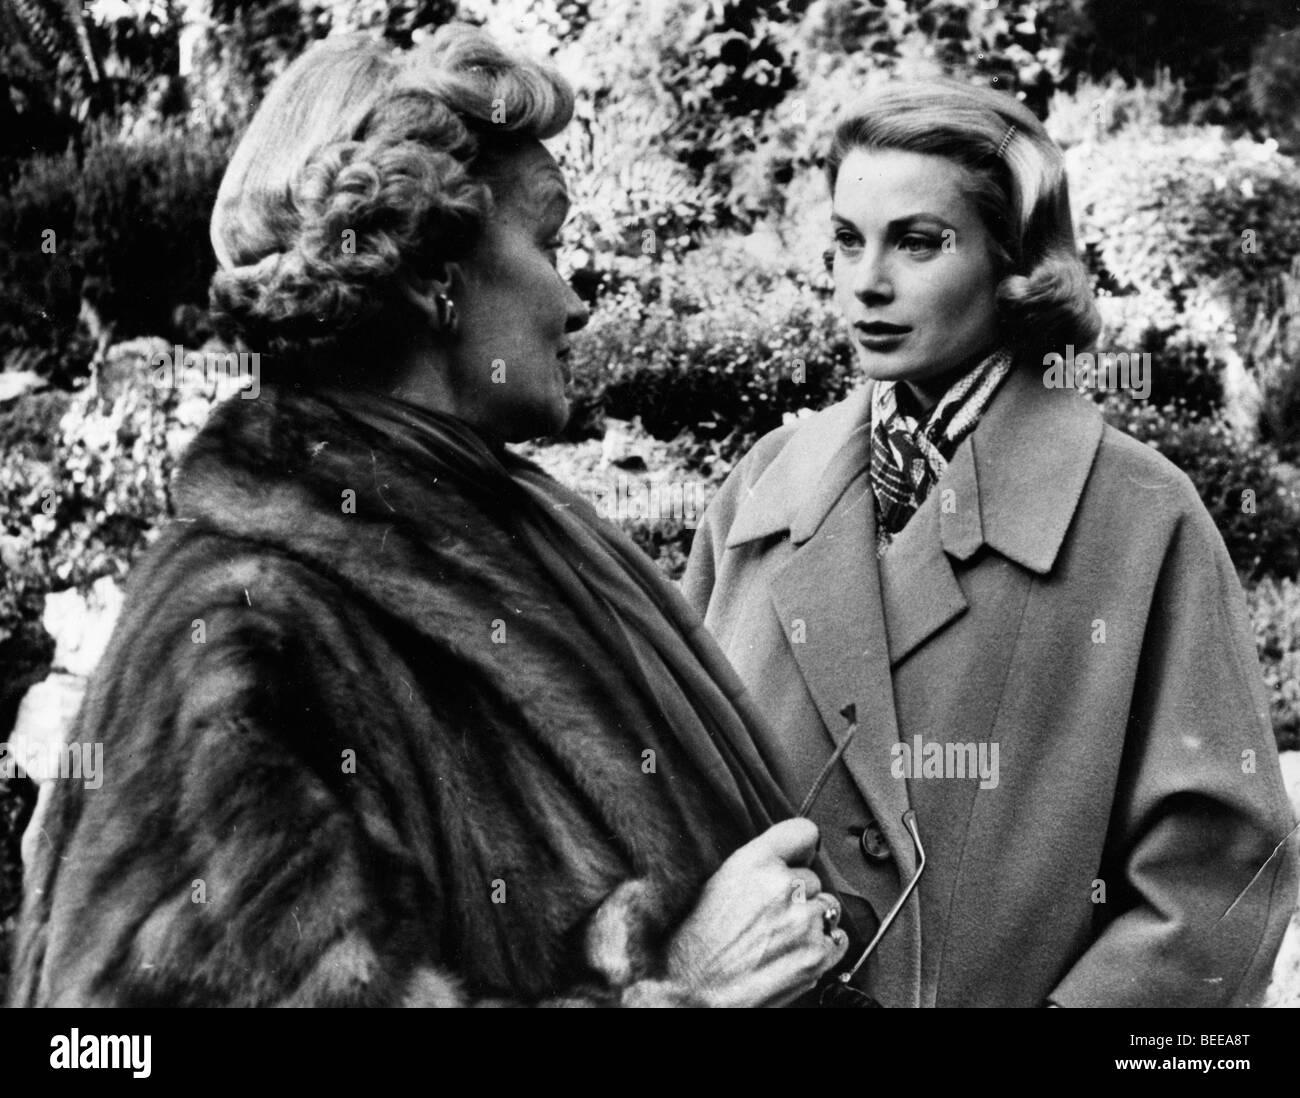 Grace Kelly, Princess of Monaco, right. Stock Photo